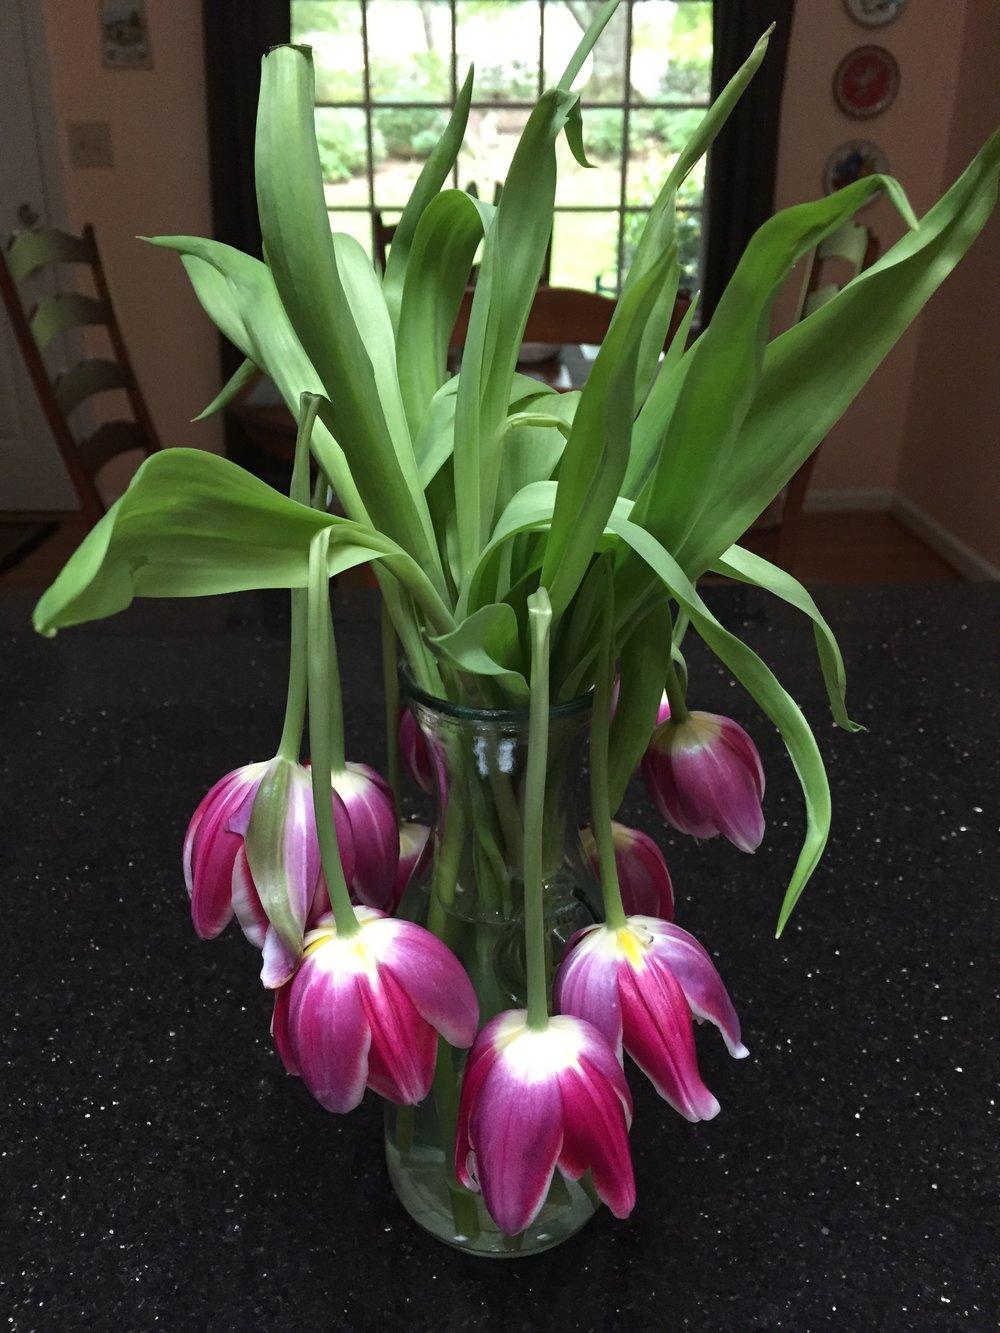 sagging-tulips.jpg